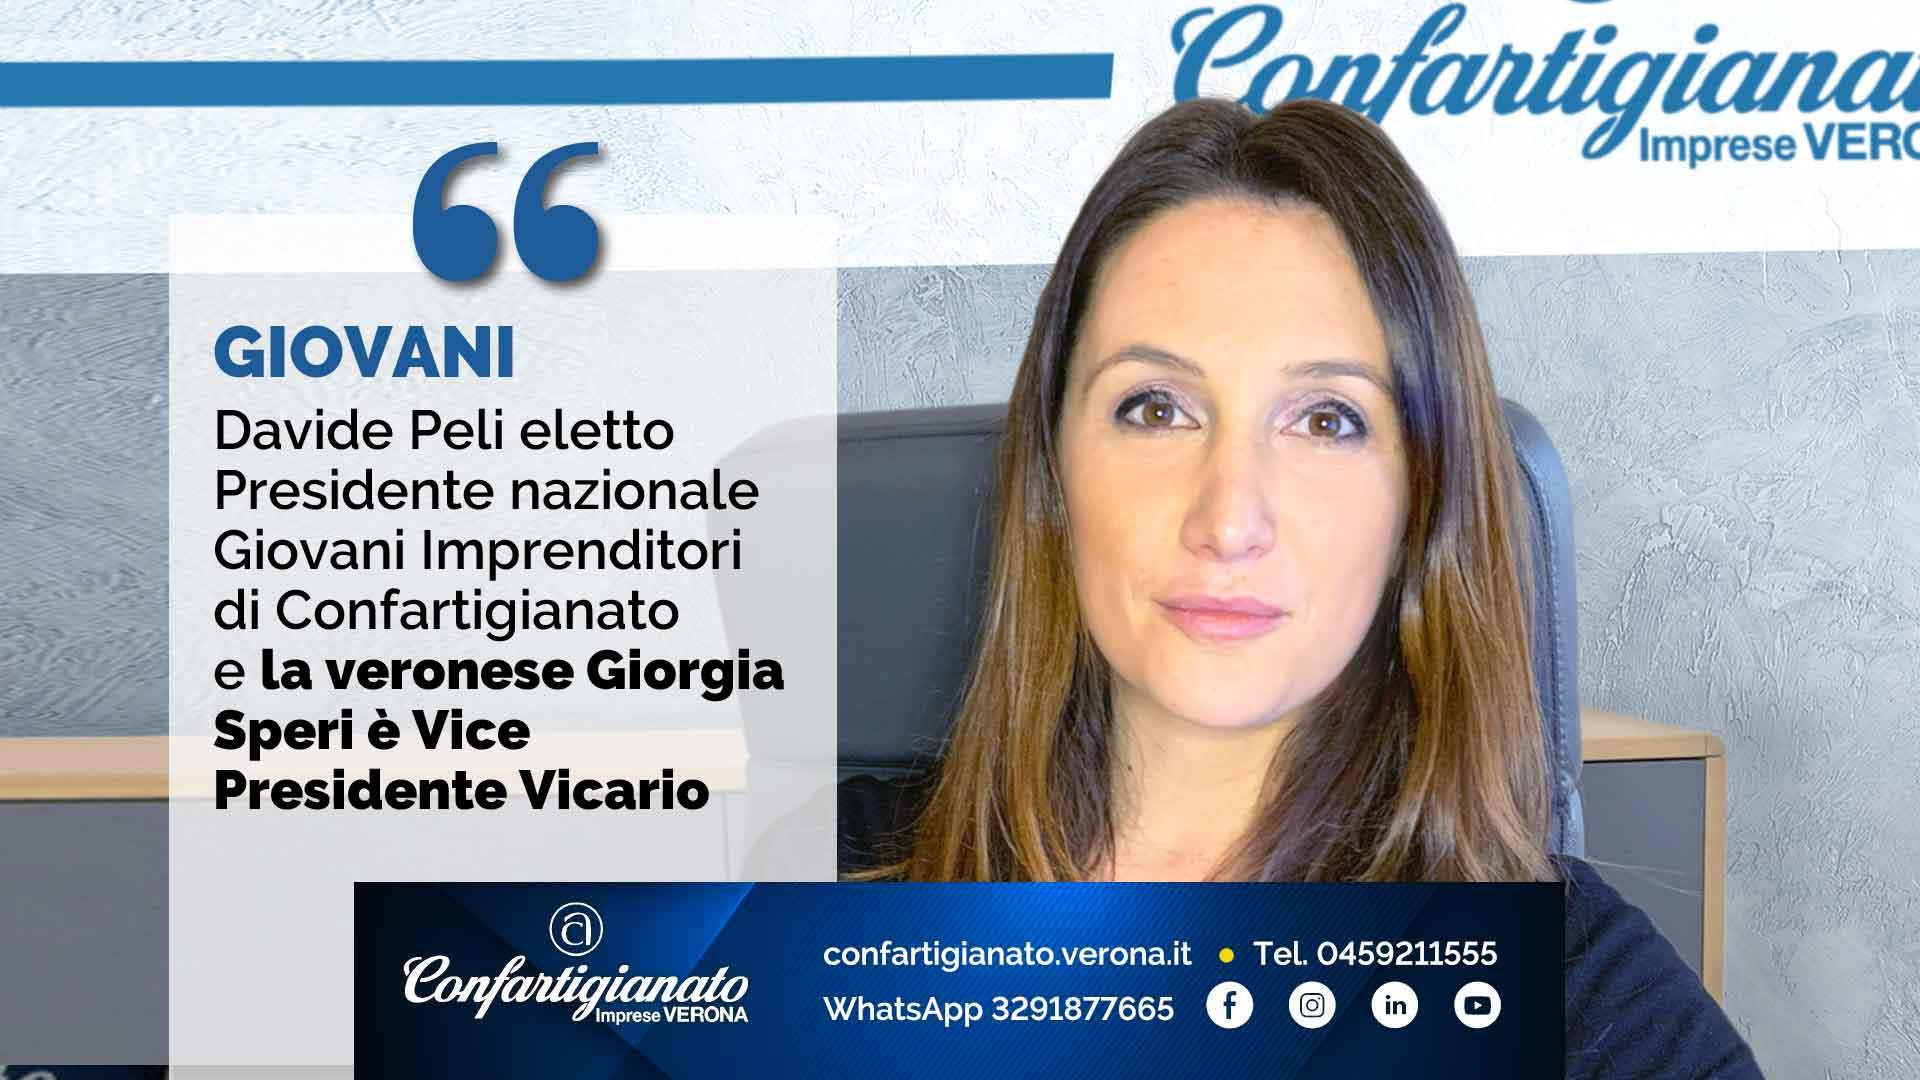 GIOVANI – Davide Peli eletto Presidente nazionale dei Giovani Imprenditori e la veronese Giorgia Speri è il Vice Presidente Vicario